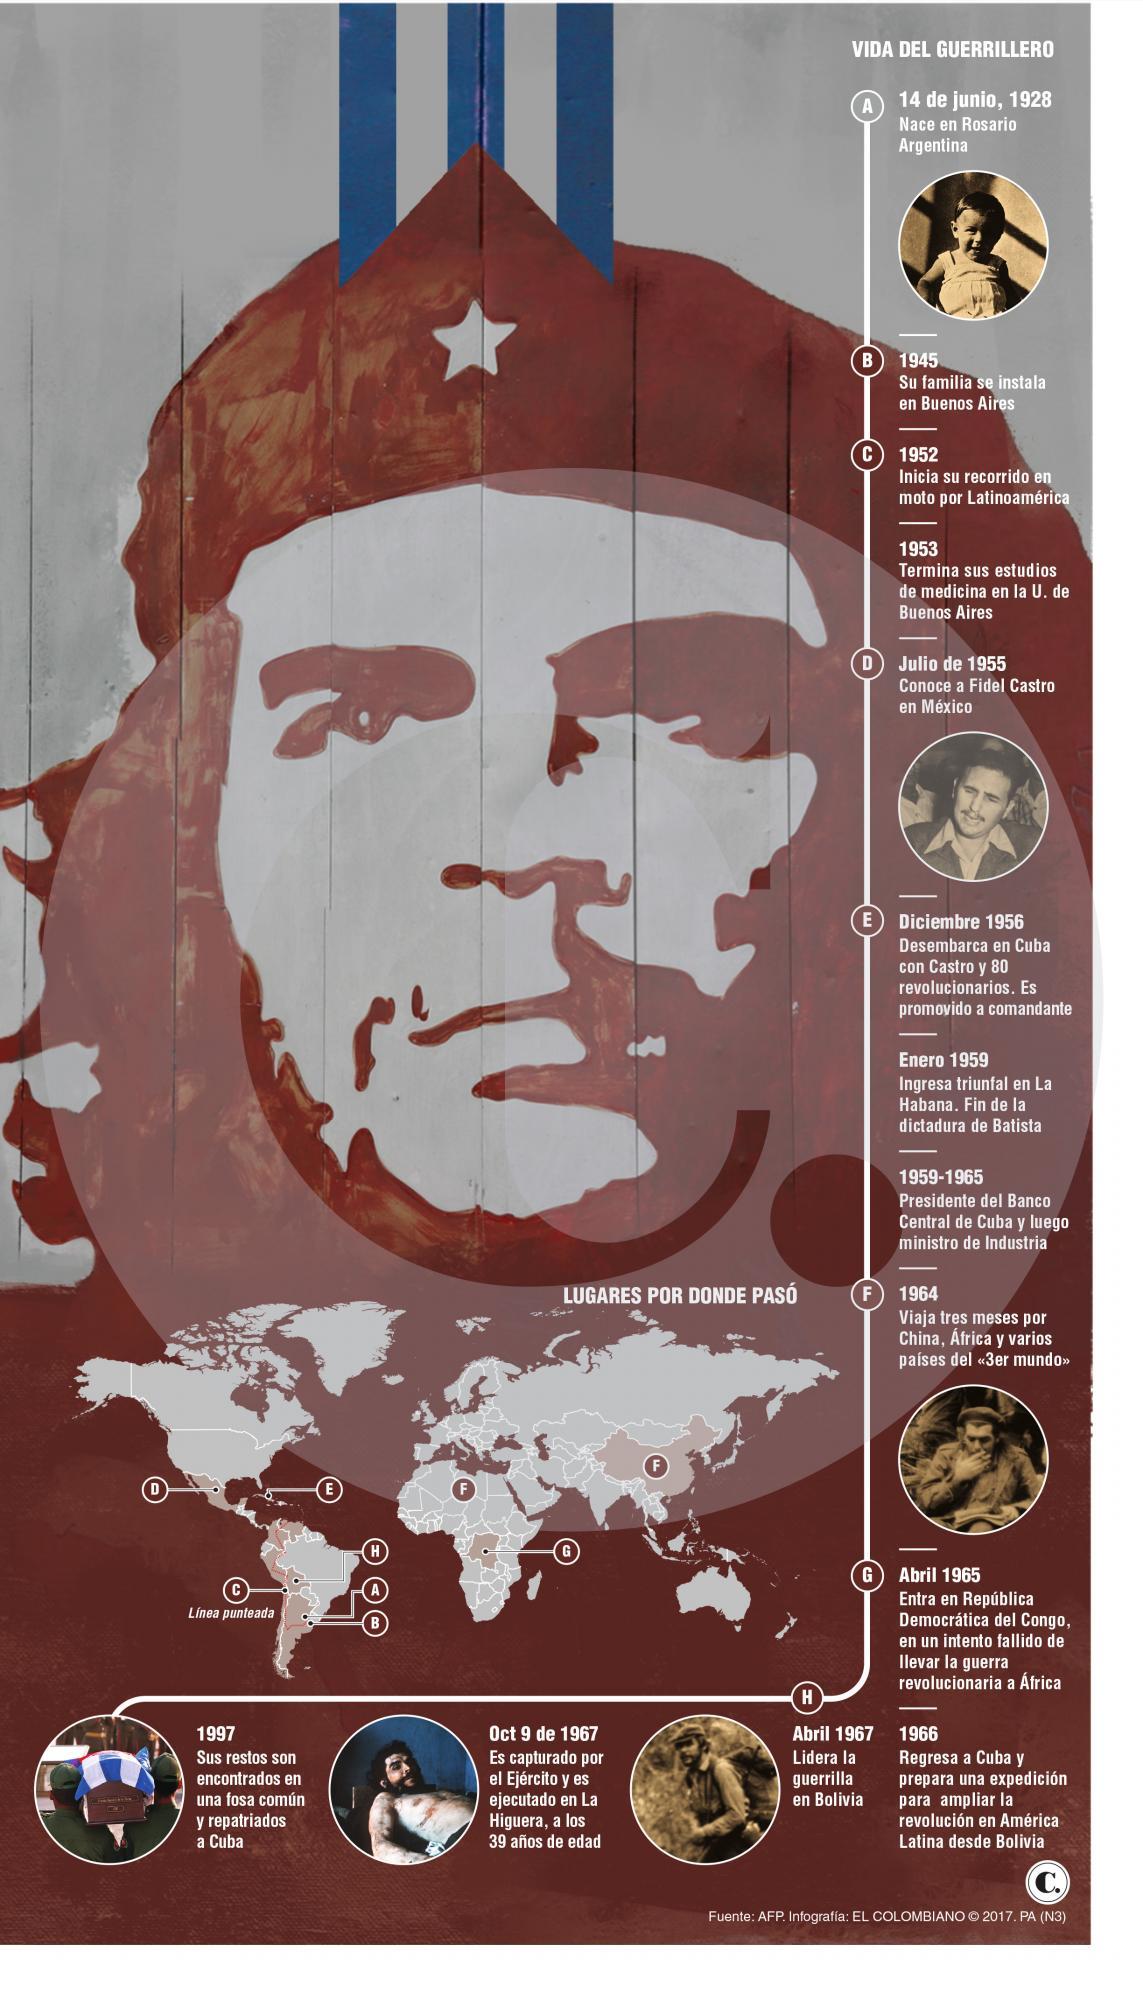 ¿Perdura el legado del Che tras 50 años de su muerte?